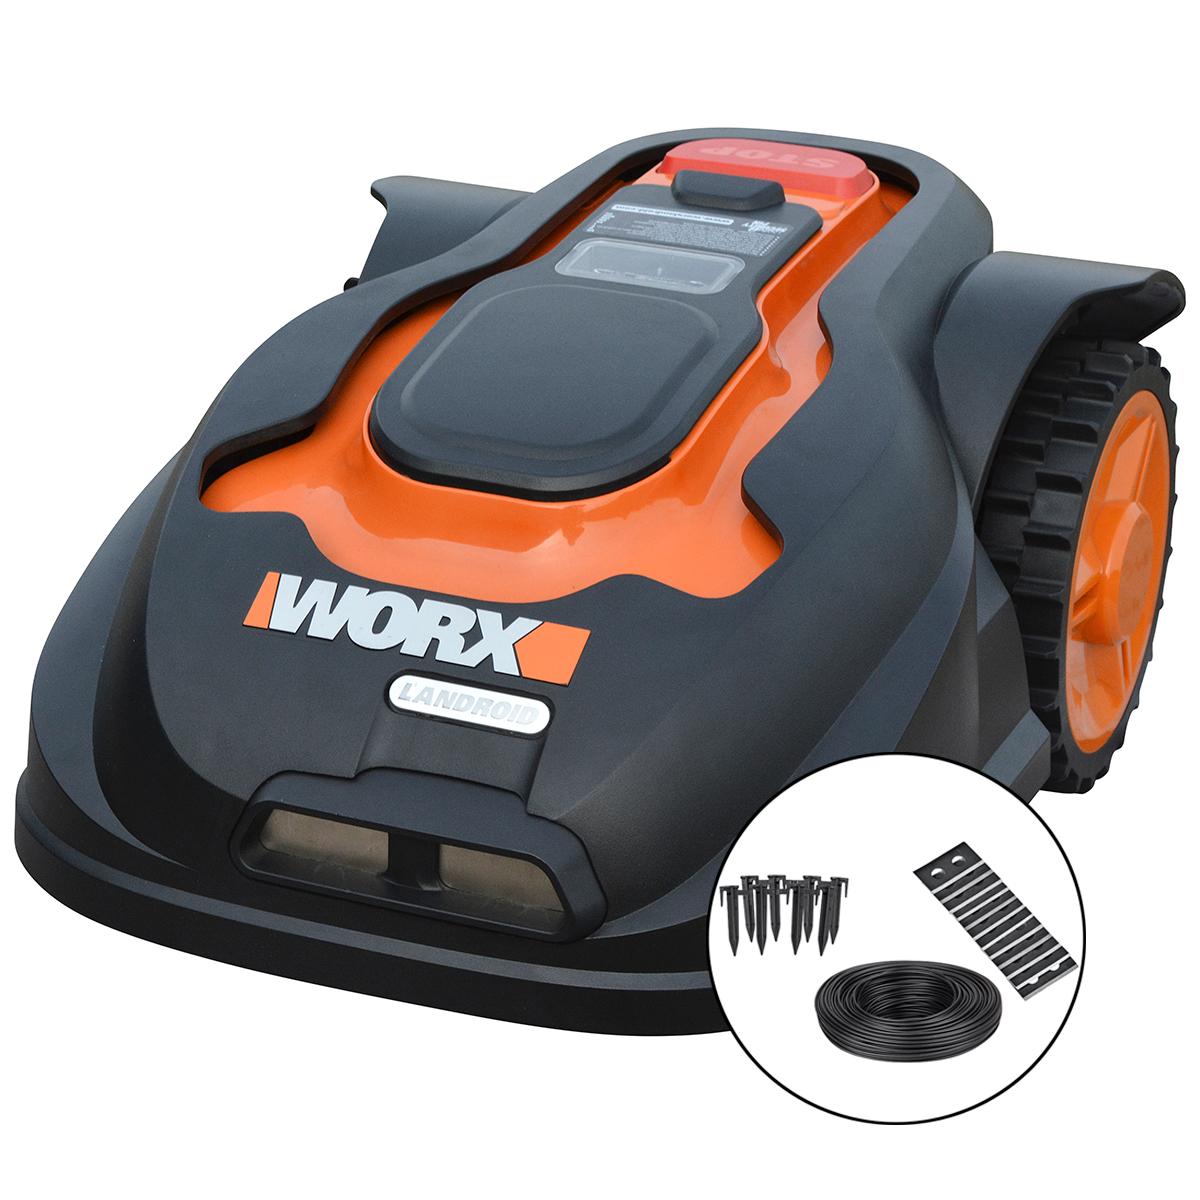 Worx Garden robotplæneklipper inkl. tilbehørssæt - Landroid M WG790E.1